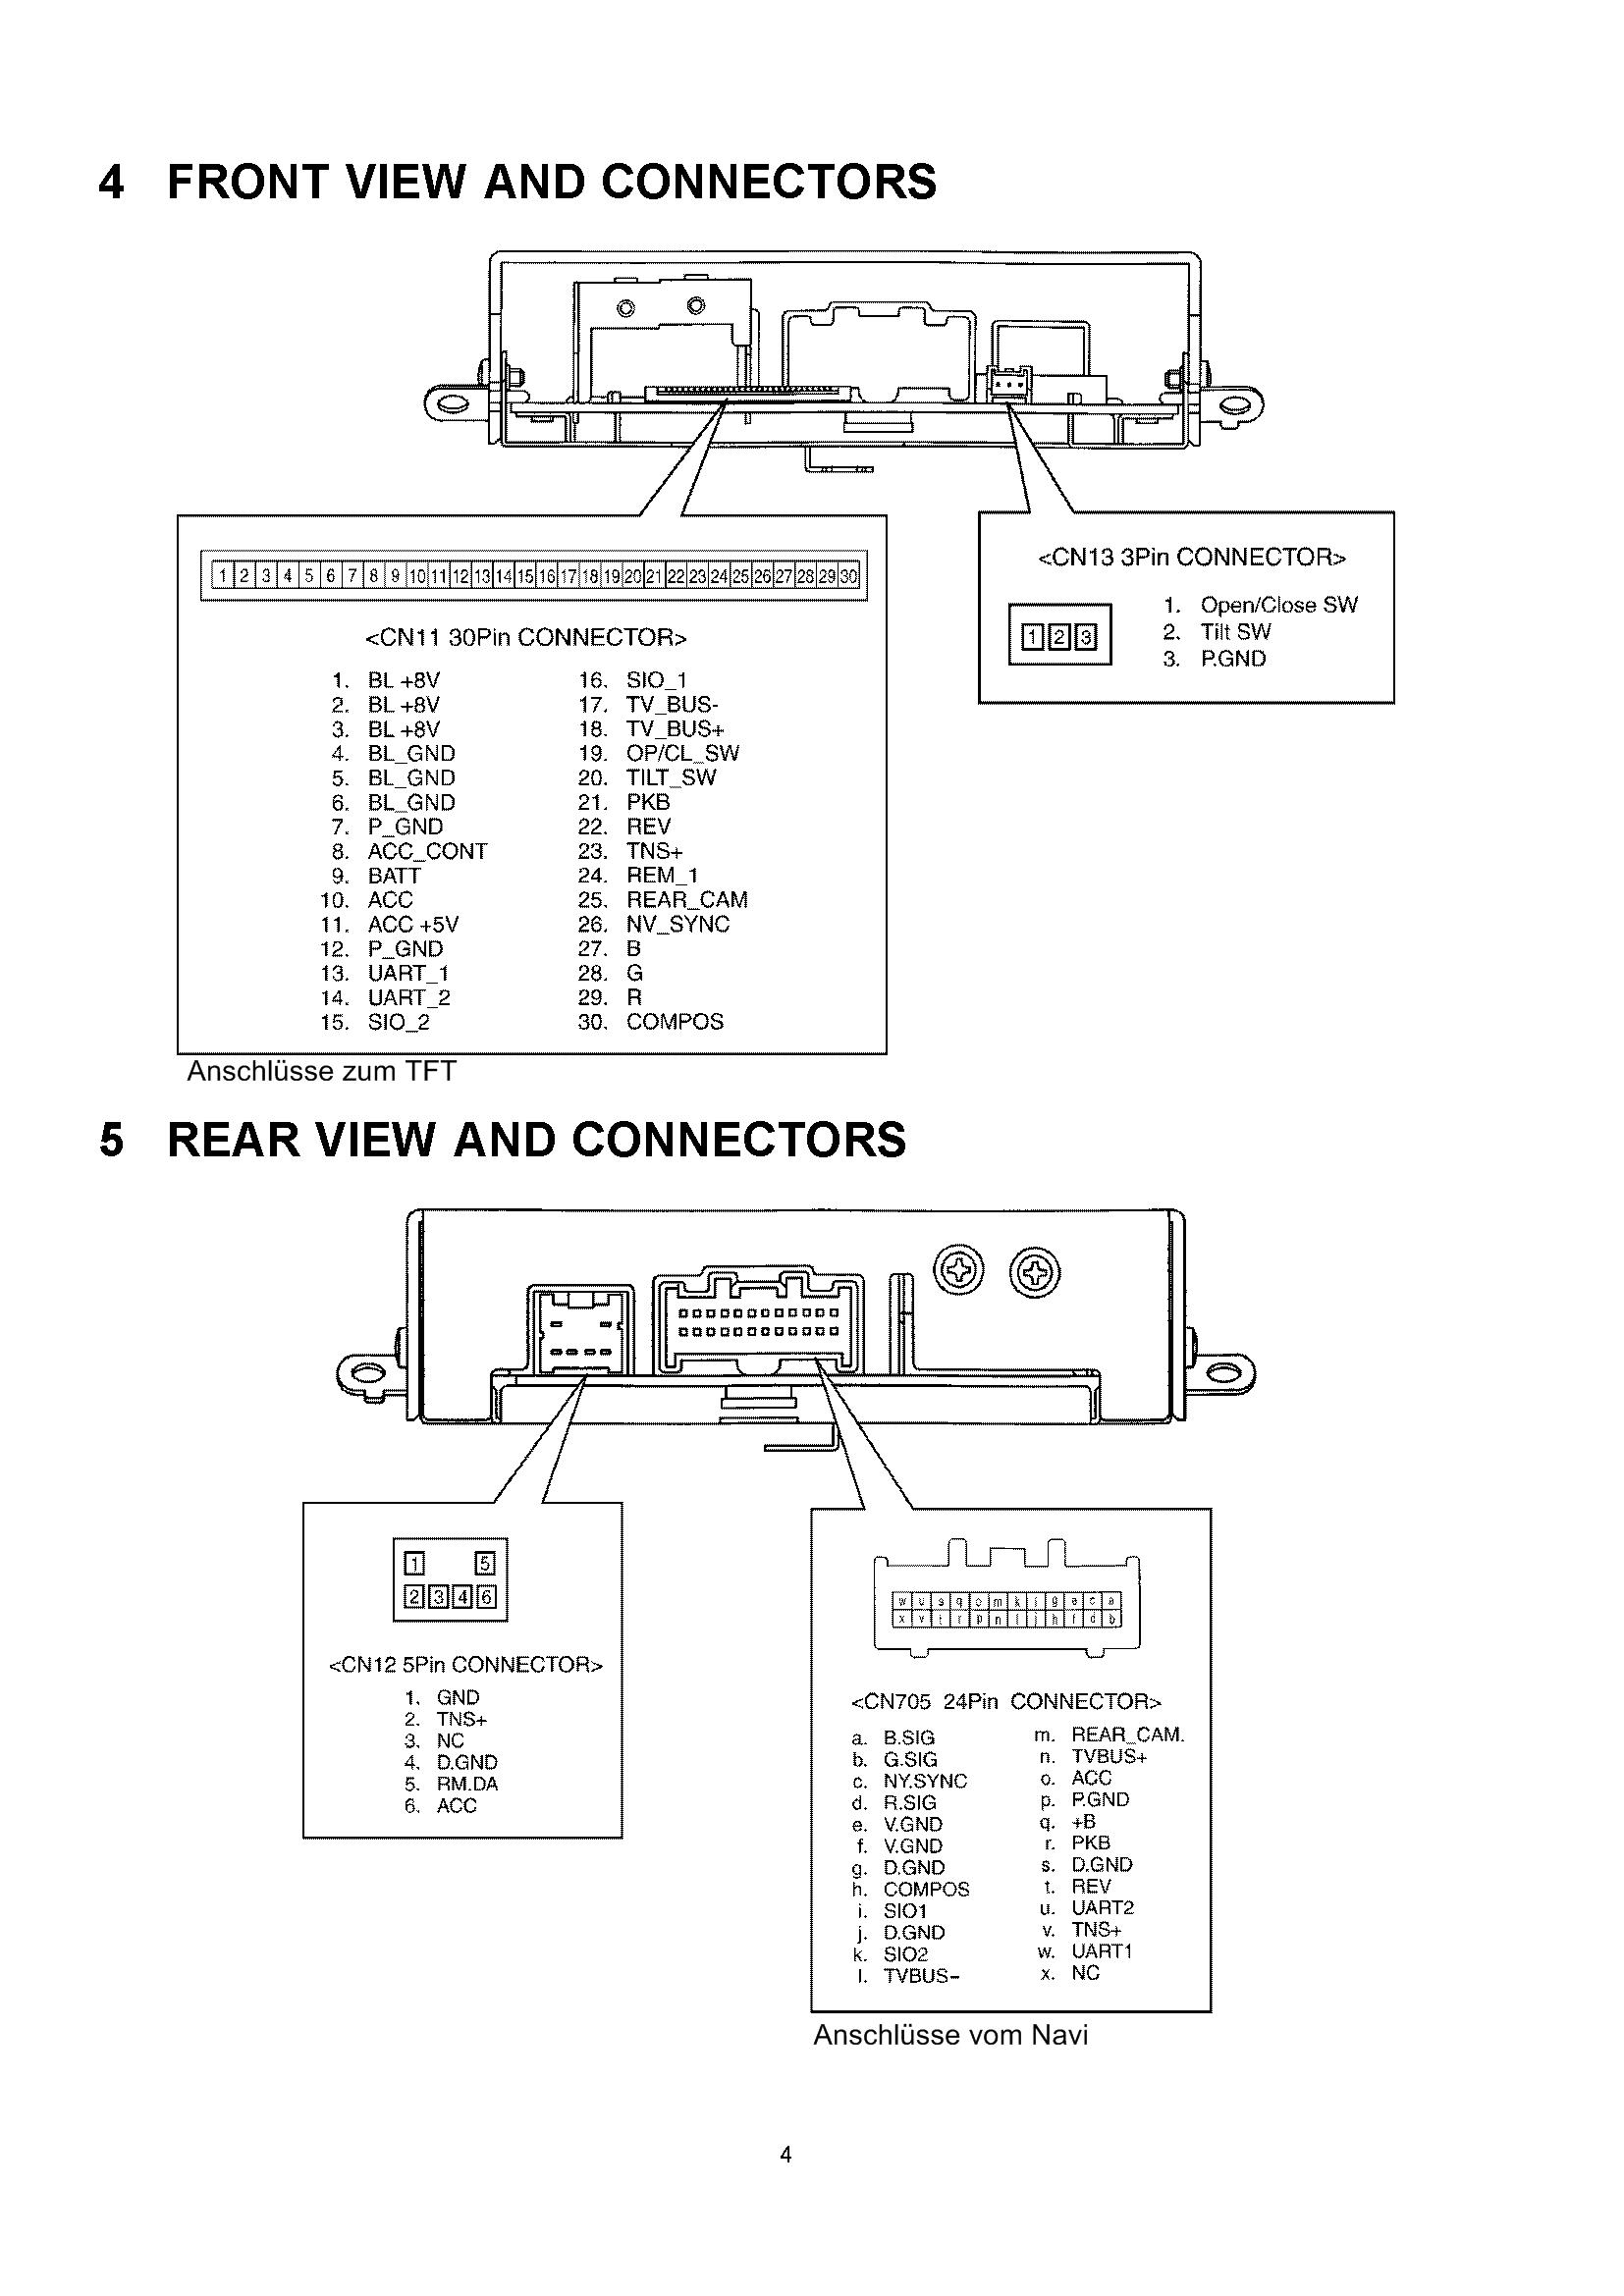 Monitor vom Navi weiter verwenden - Mikrocontroller.net